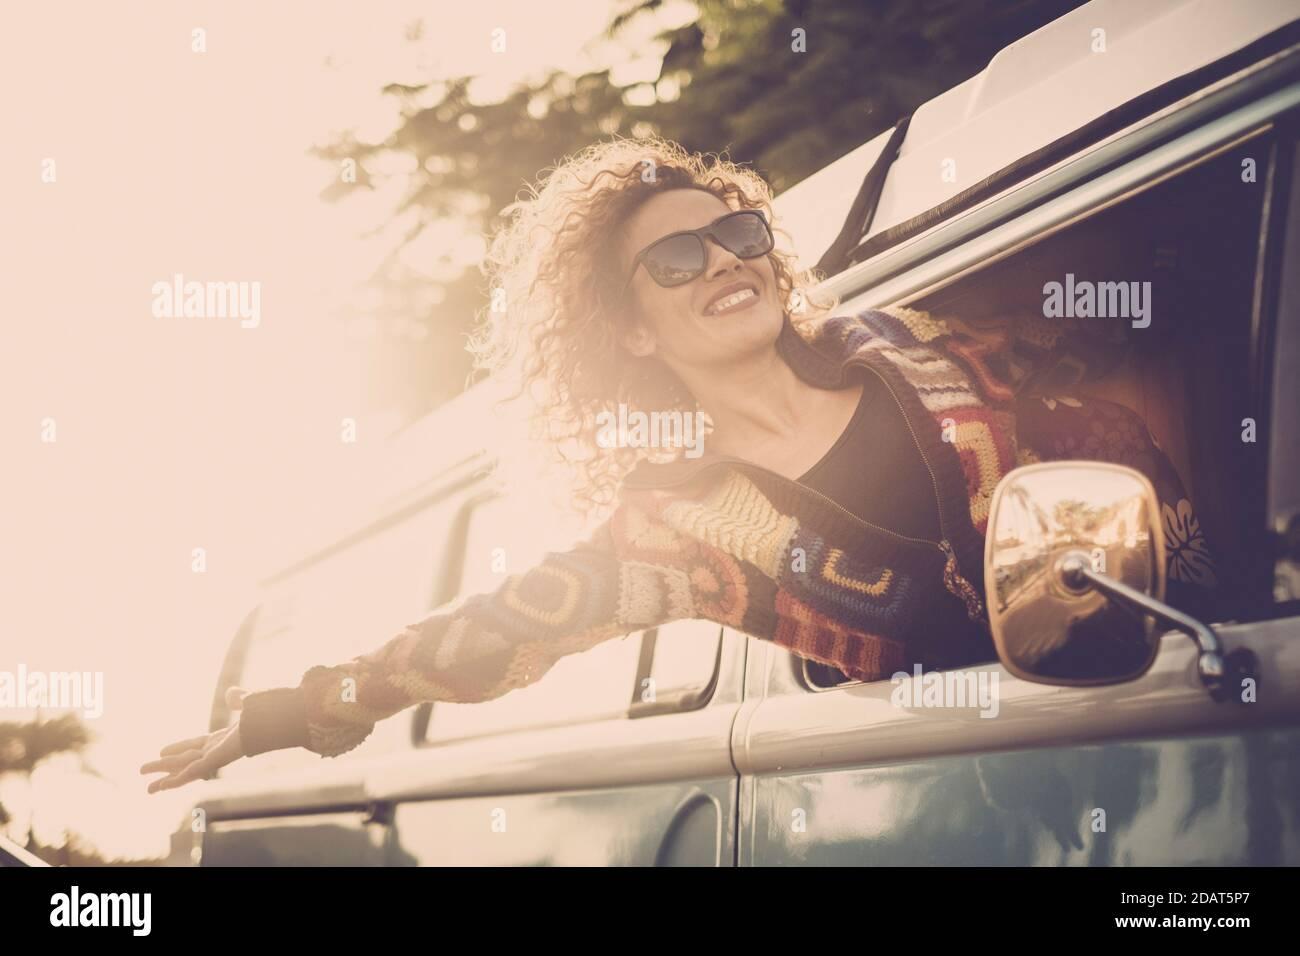 Voyage et concept de vie de bonheur avec joyeux et joyeux belle dame à l'extérieur de la fenêtre de la camionnette et vent dans les cheveux - peop Banque D'Images